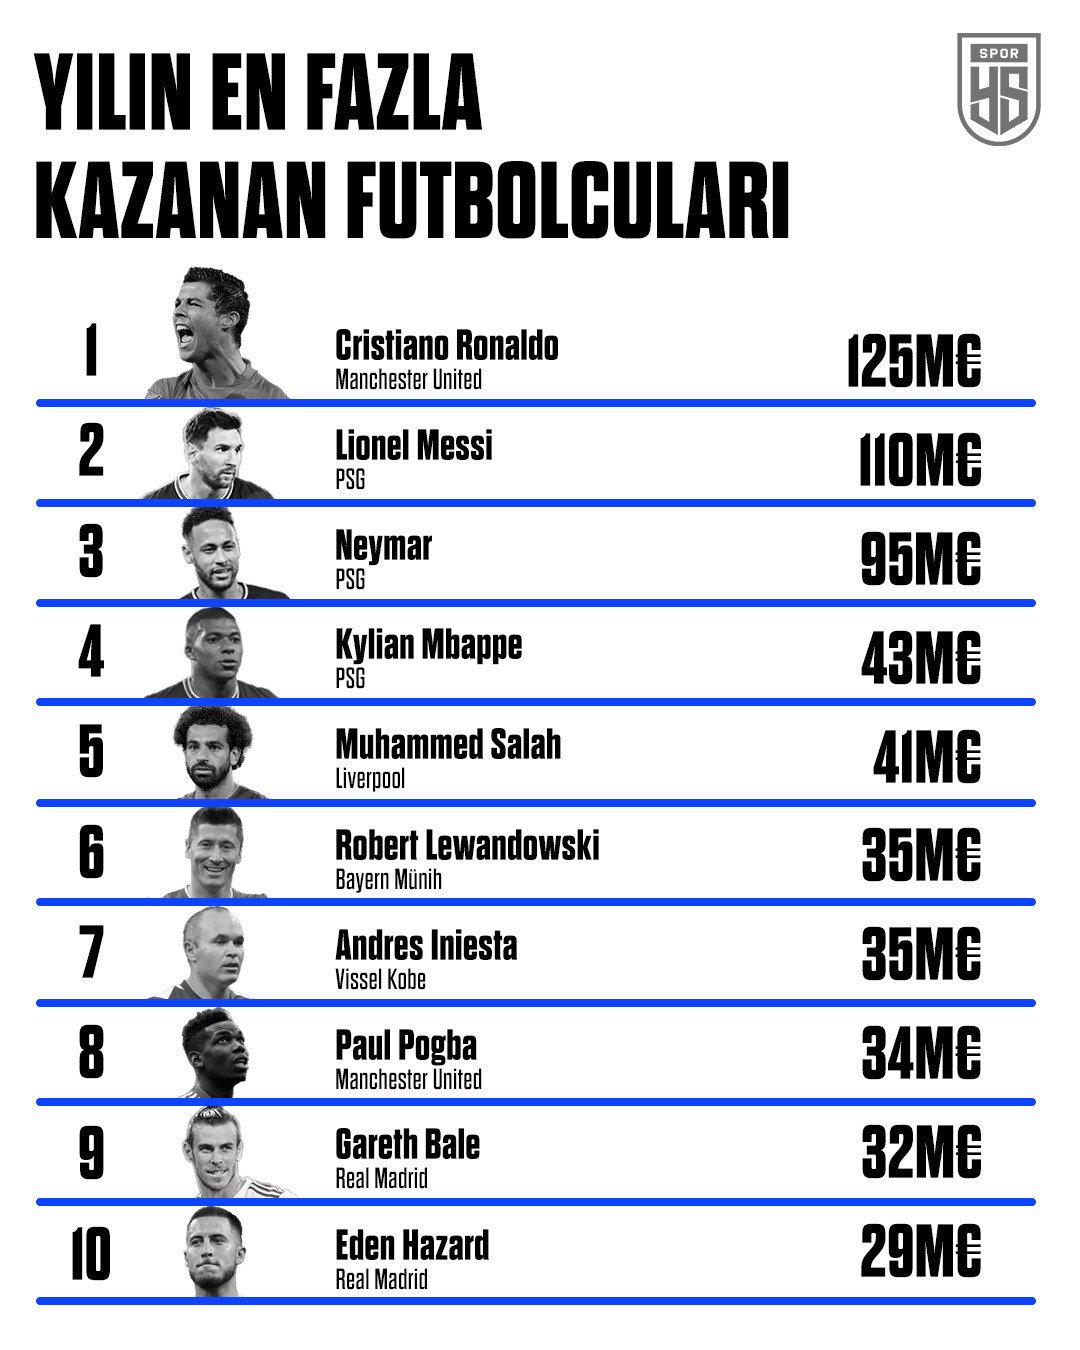 Ronaldo en çok kazanan futbolcular listesinde zirvede yer alıyor.